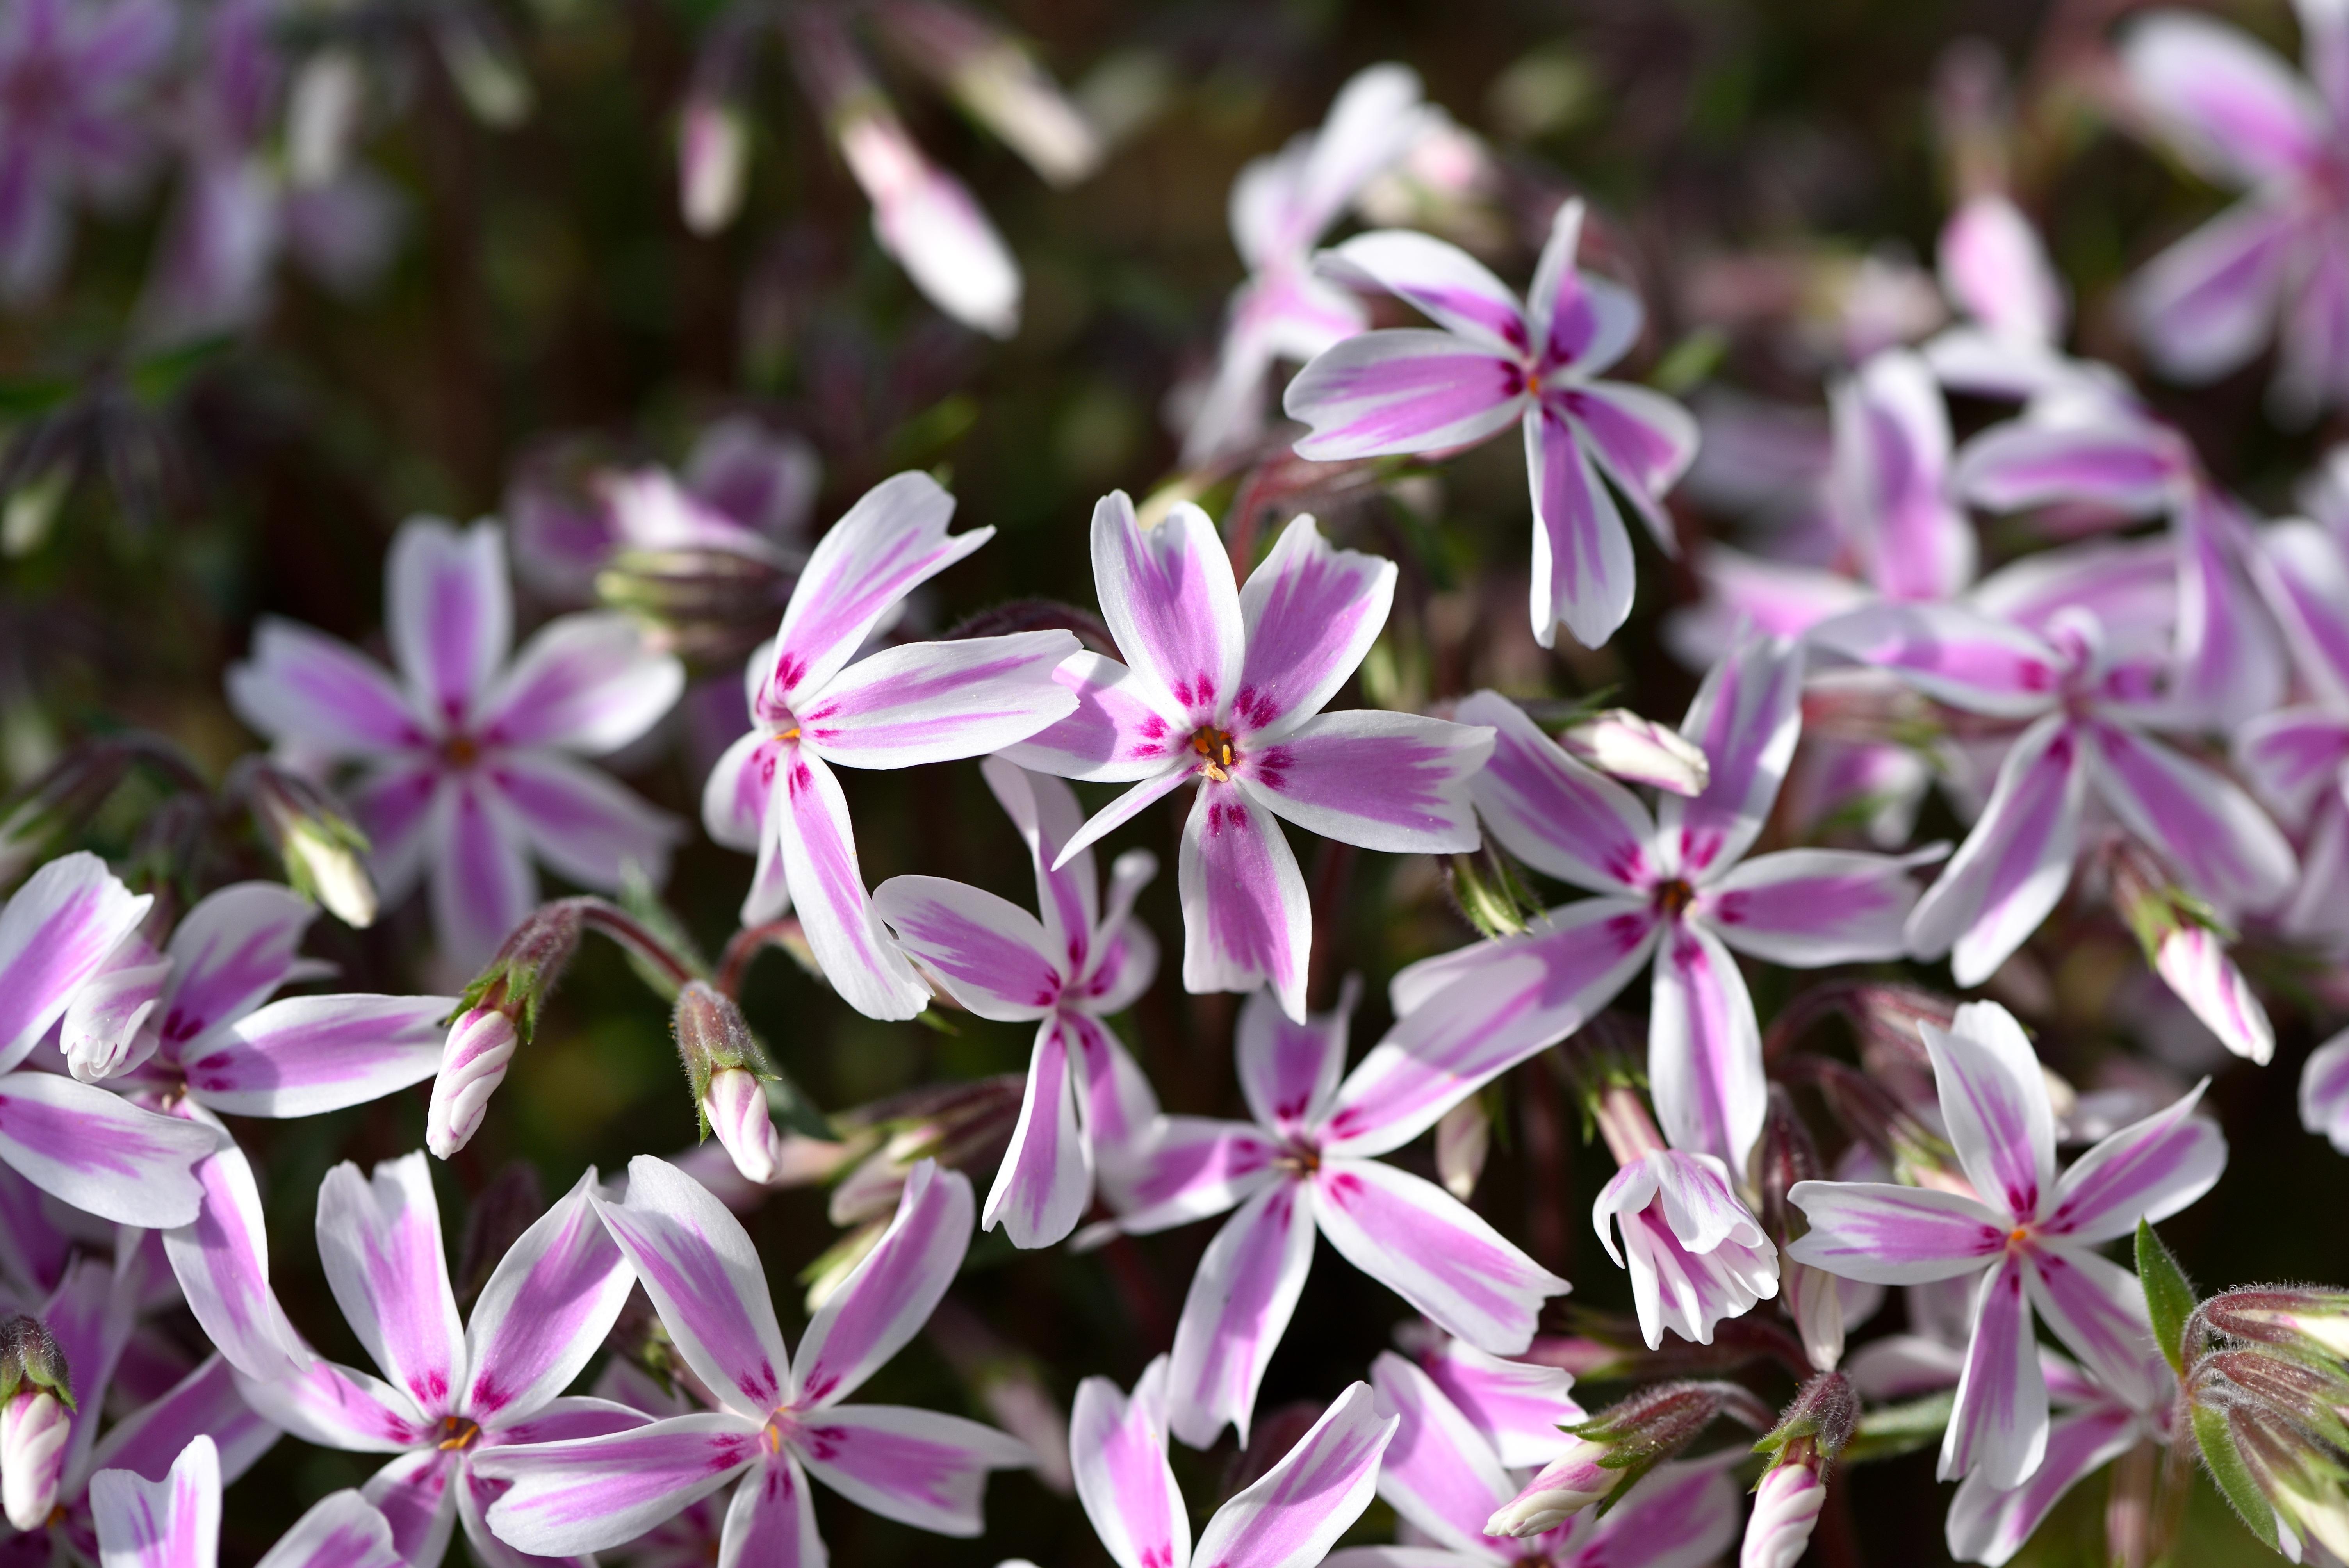 Free Images Blossom Petal Spring Botany Close Flora